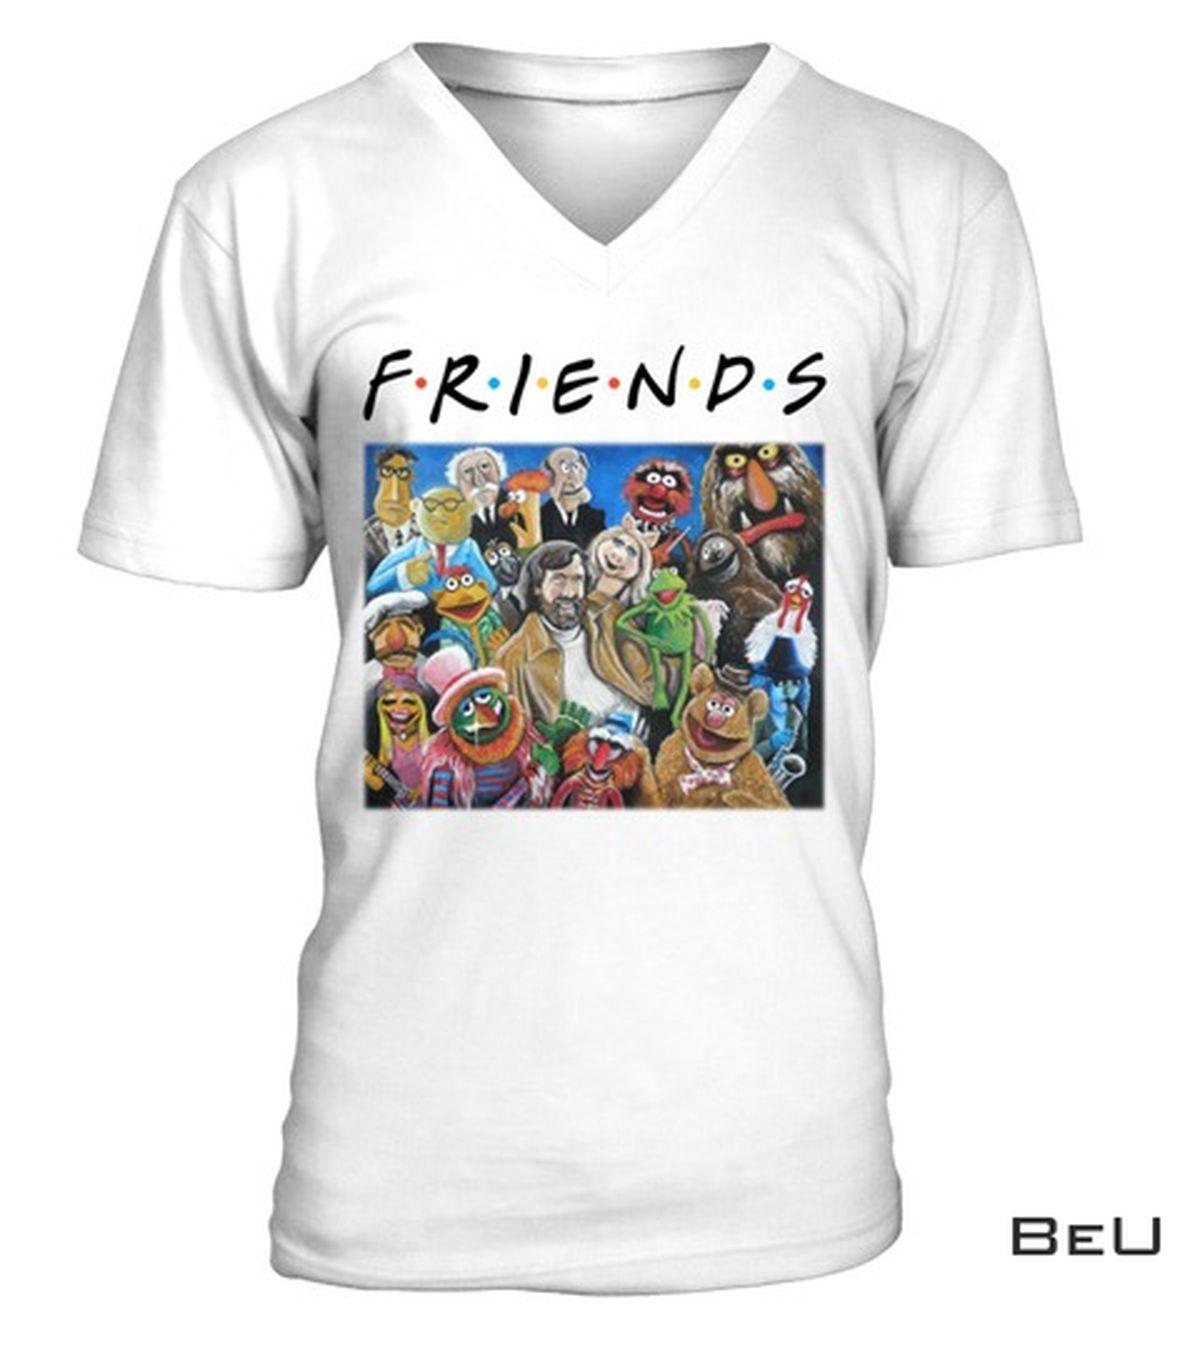 Unisex Friends Jim Henson Puppets Art Shirt, tank top